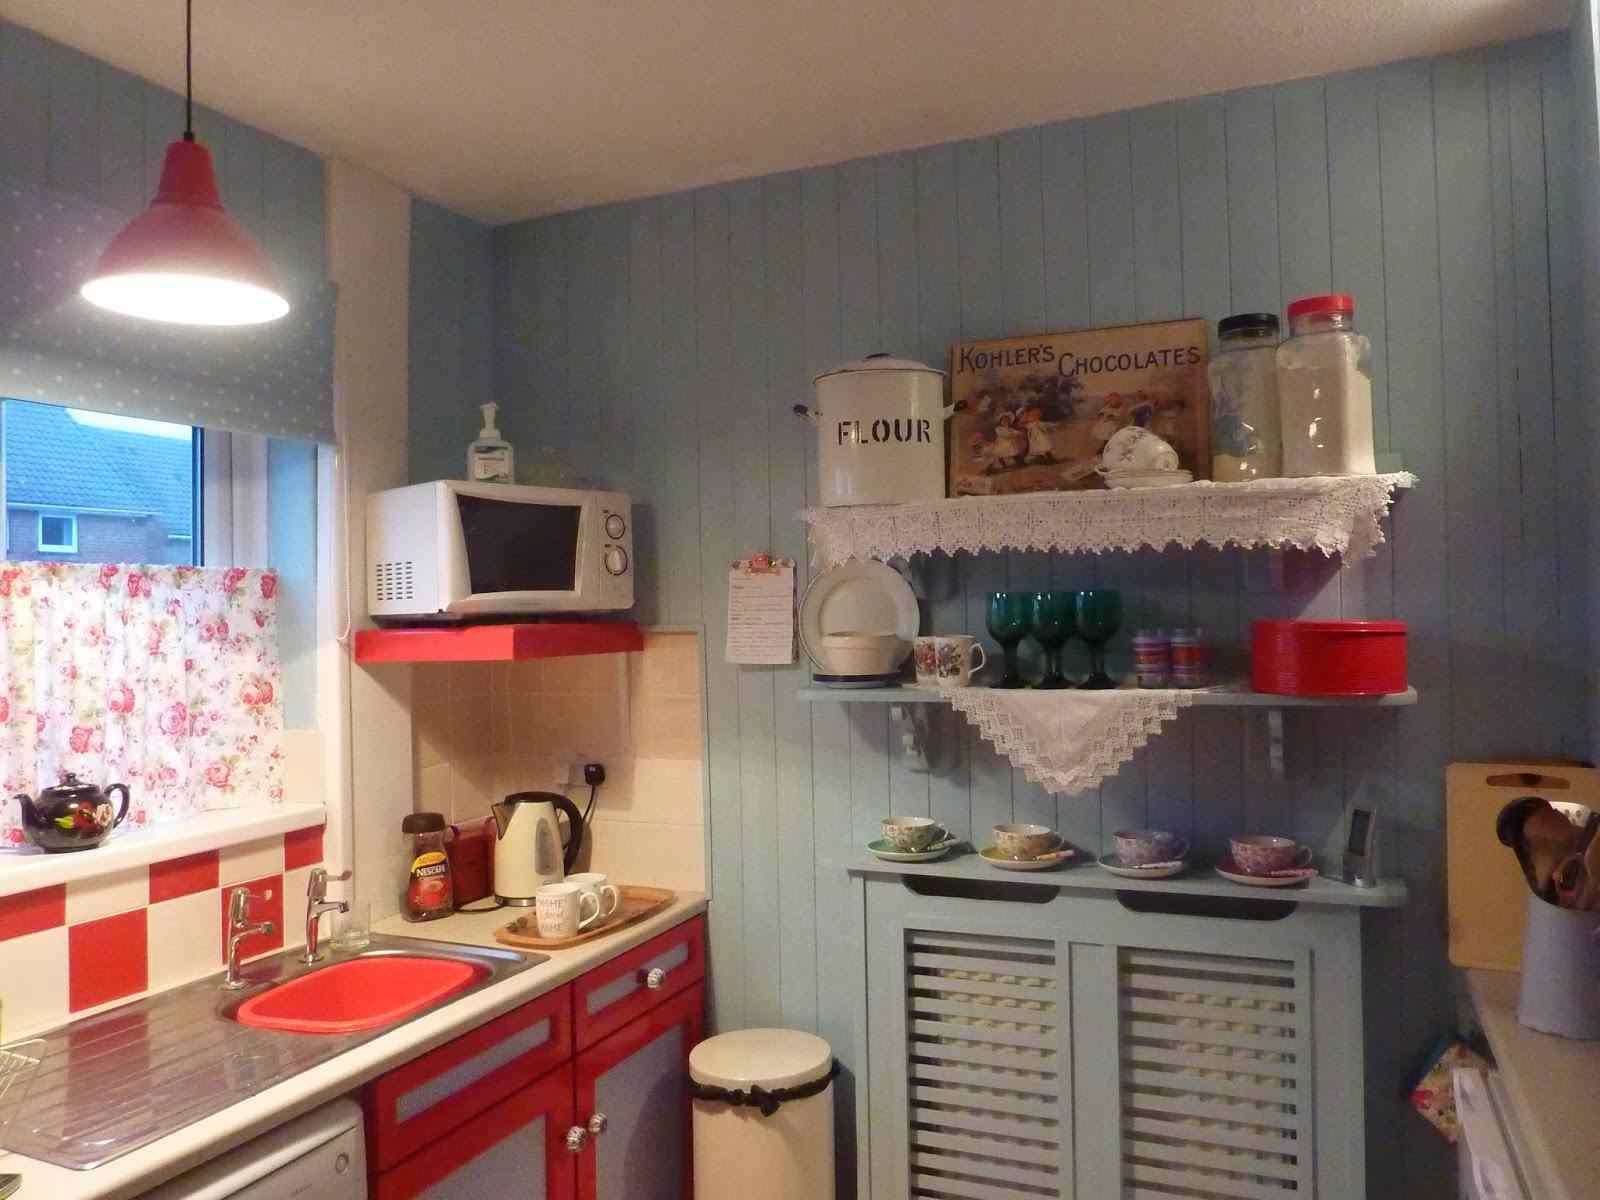 Dise o de cocinas shabby chic abra paso a la dulzura - Cocinas retro vintage ...